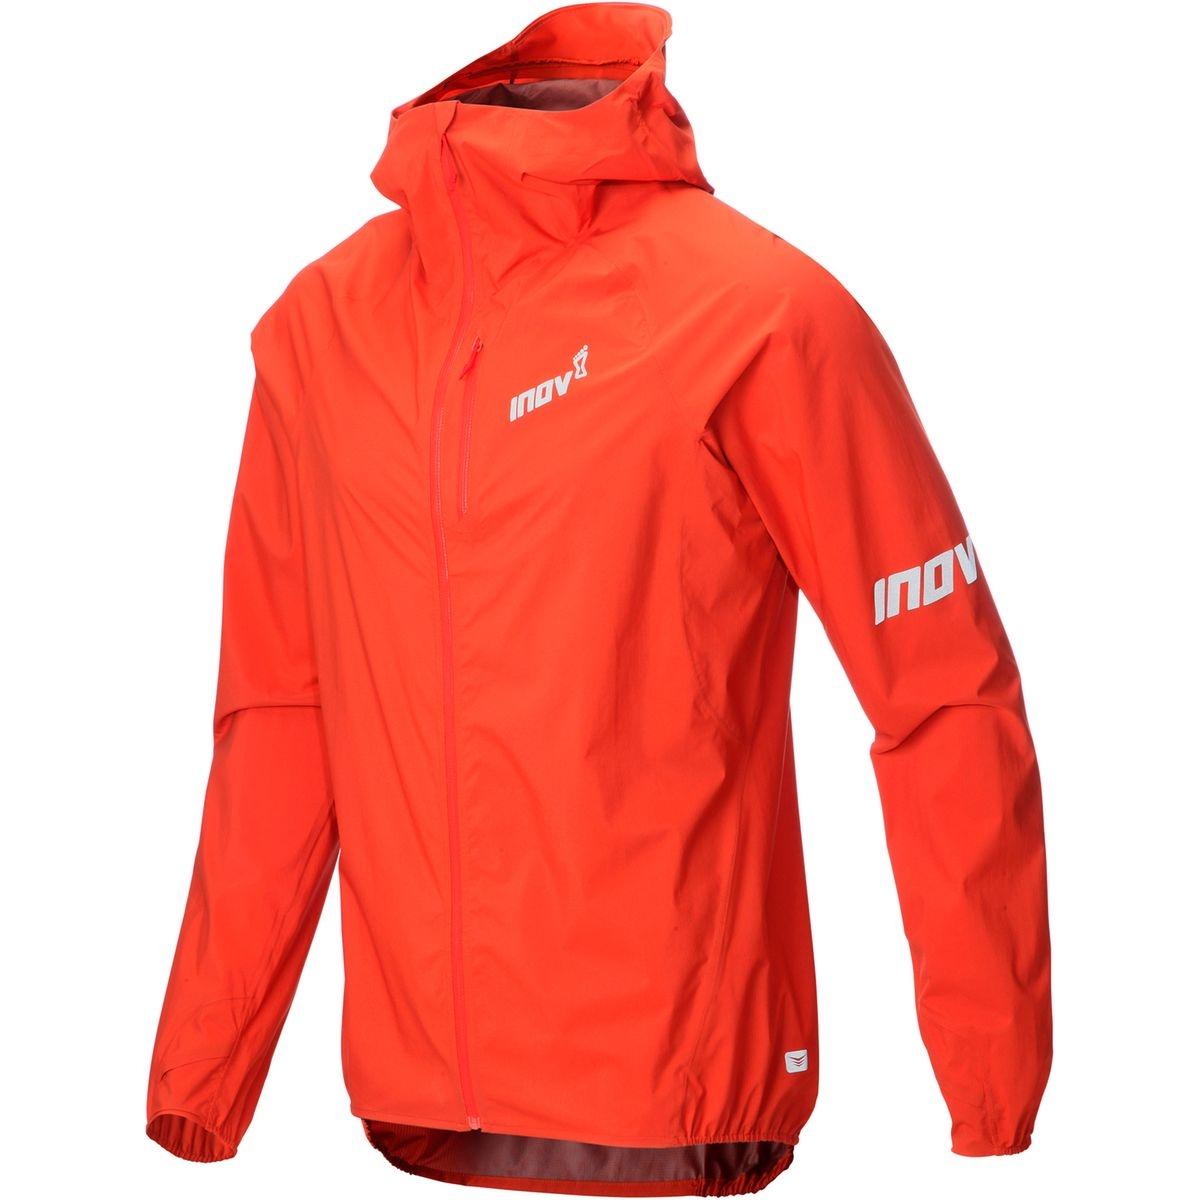 AT/C - Veste course à pied Homme - orange/rouge